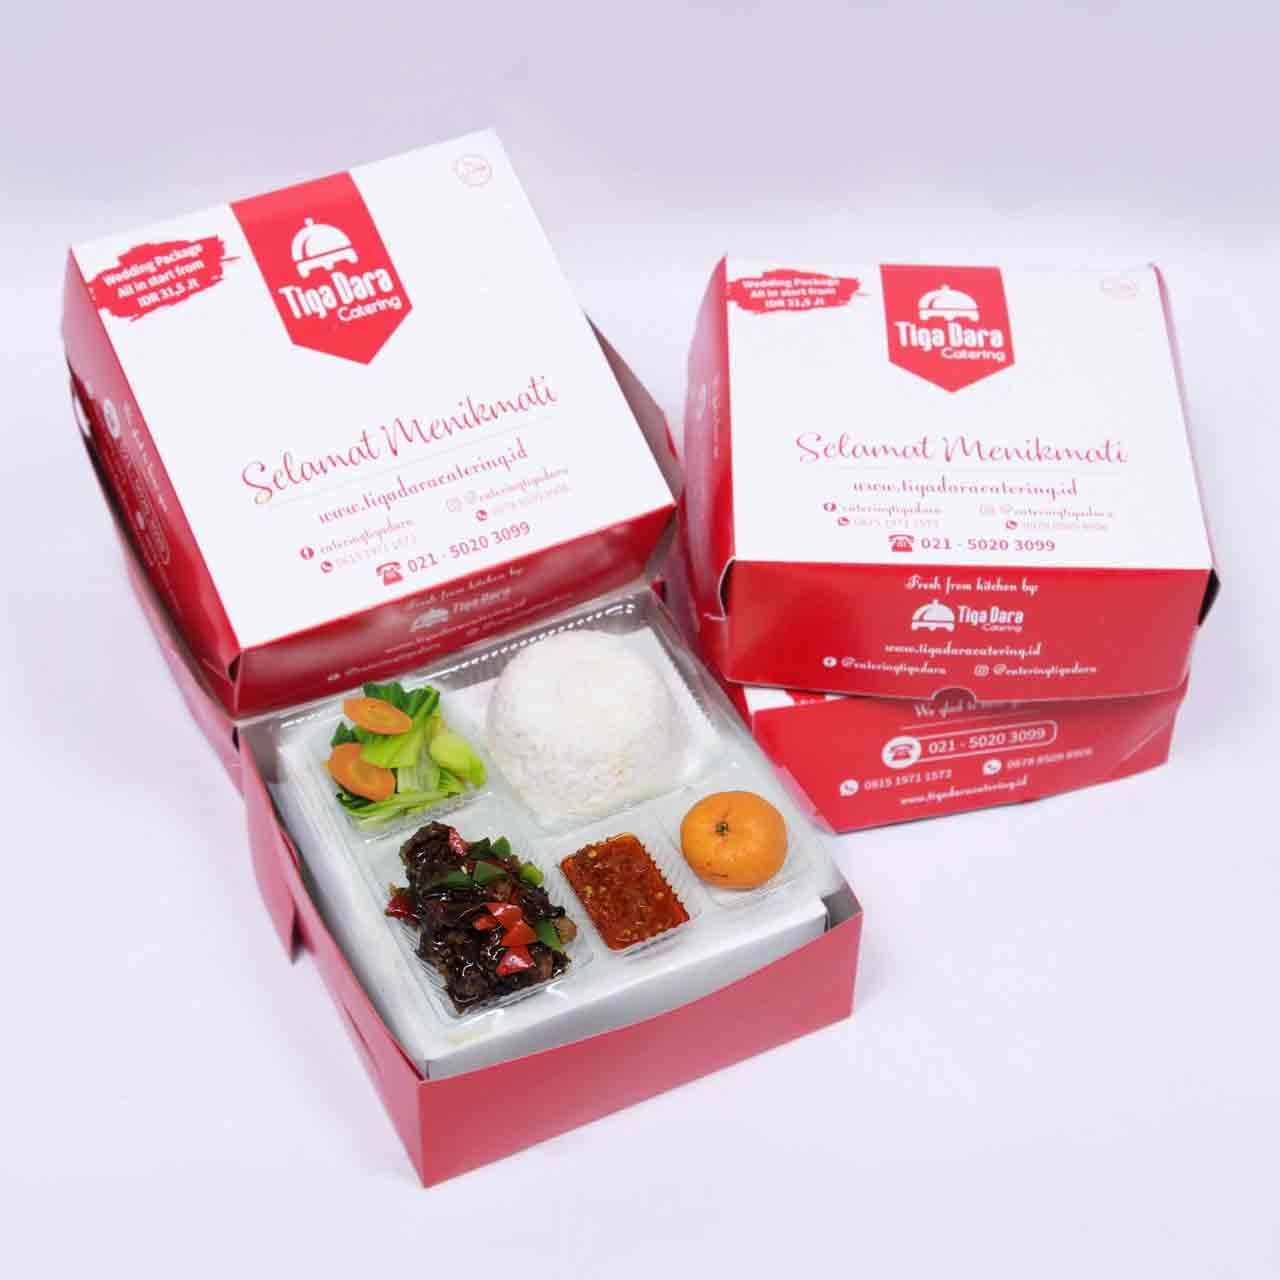 tiga_dara_*Nasi Box Enak & Murah_First Class | Paket 1